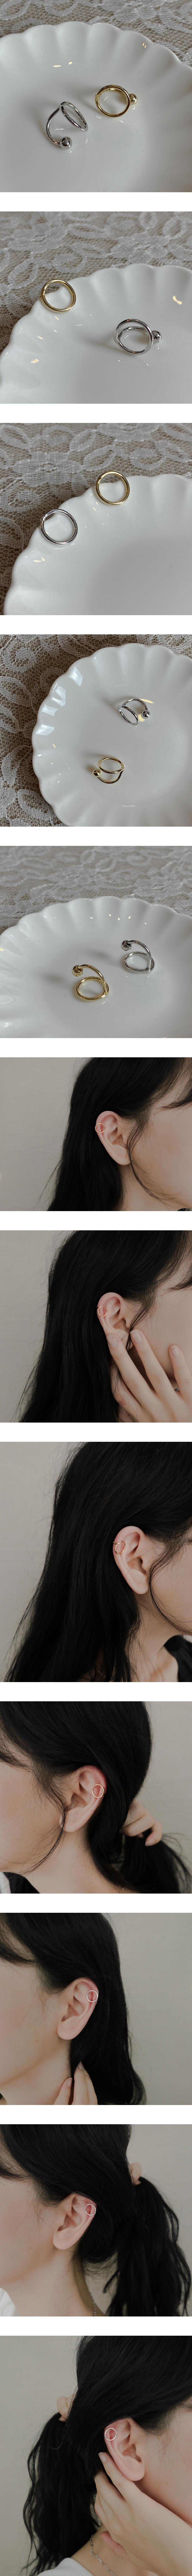 circle earcuff